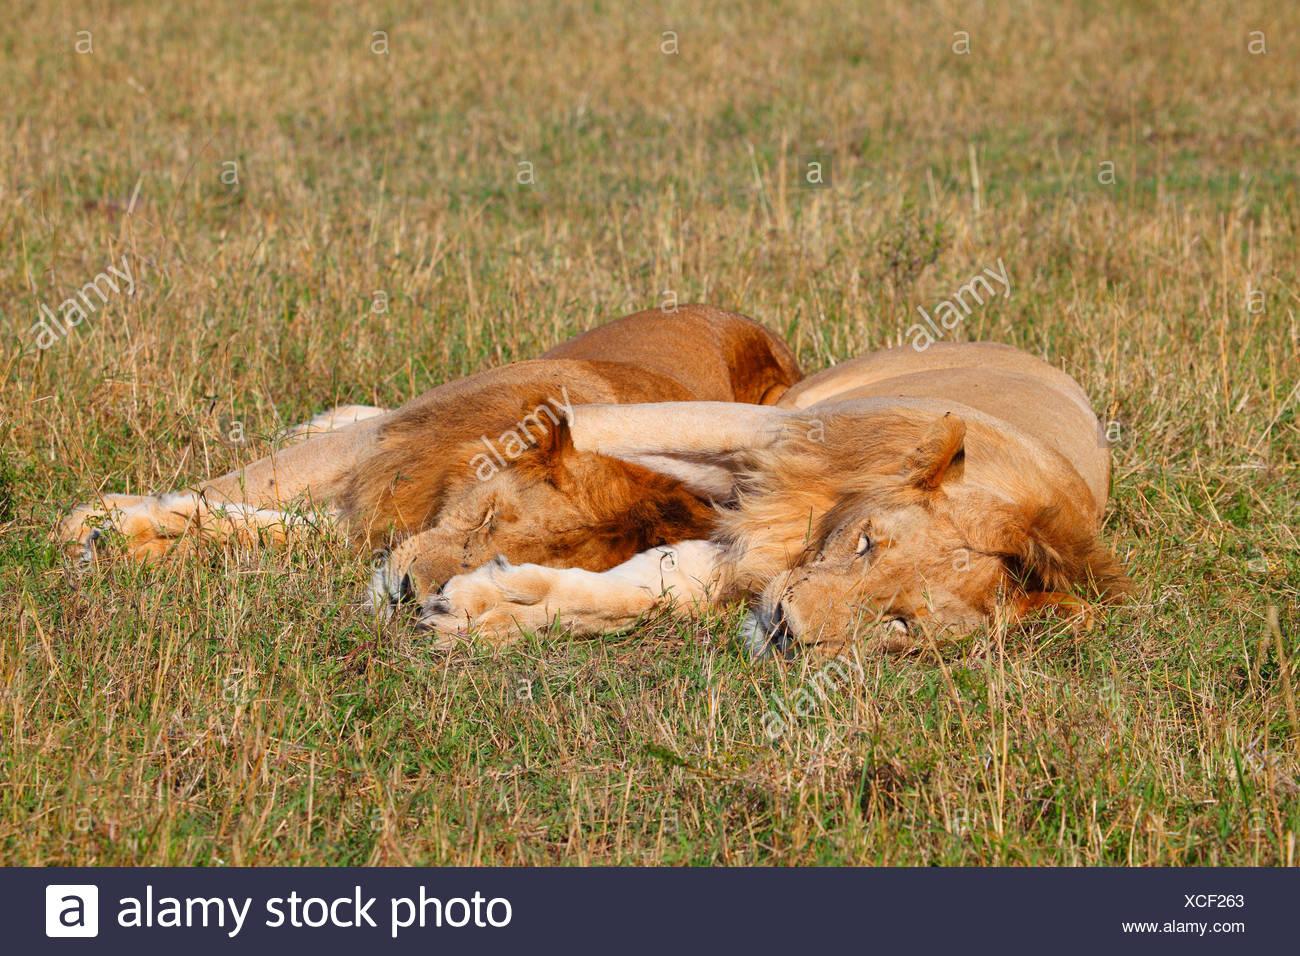 lion (Panthera leo), two sleeping males in savannah, Kenya, Masai Mara National Park - Stock Image